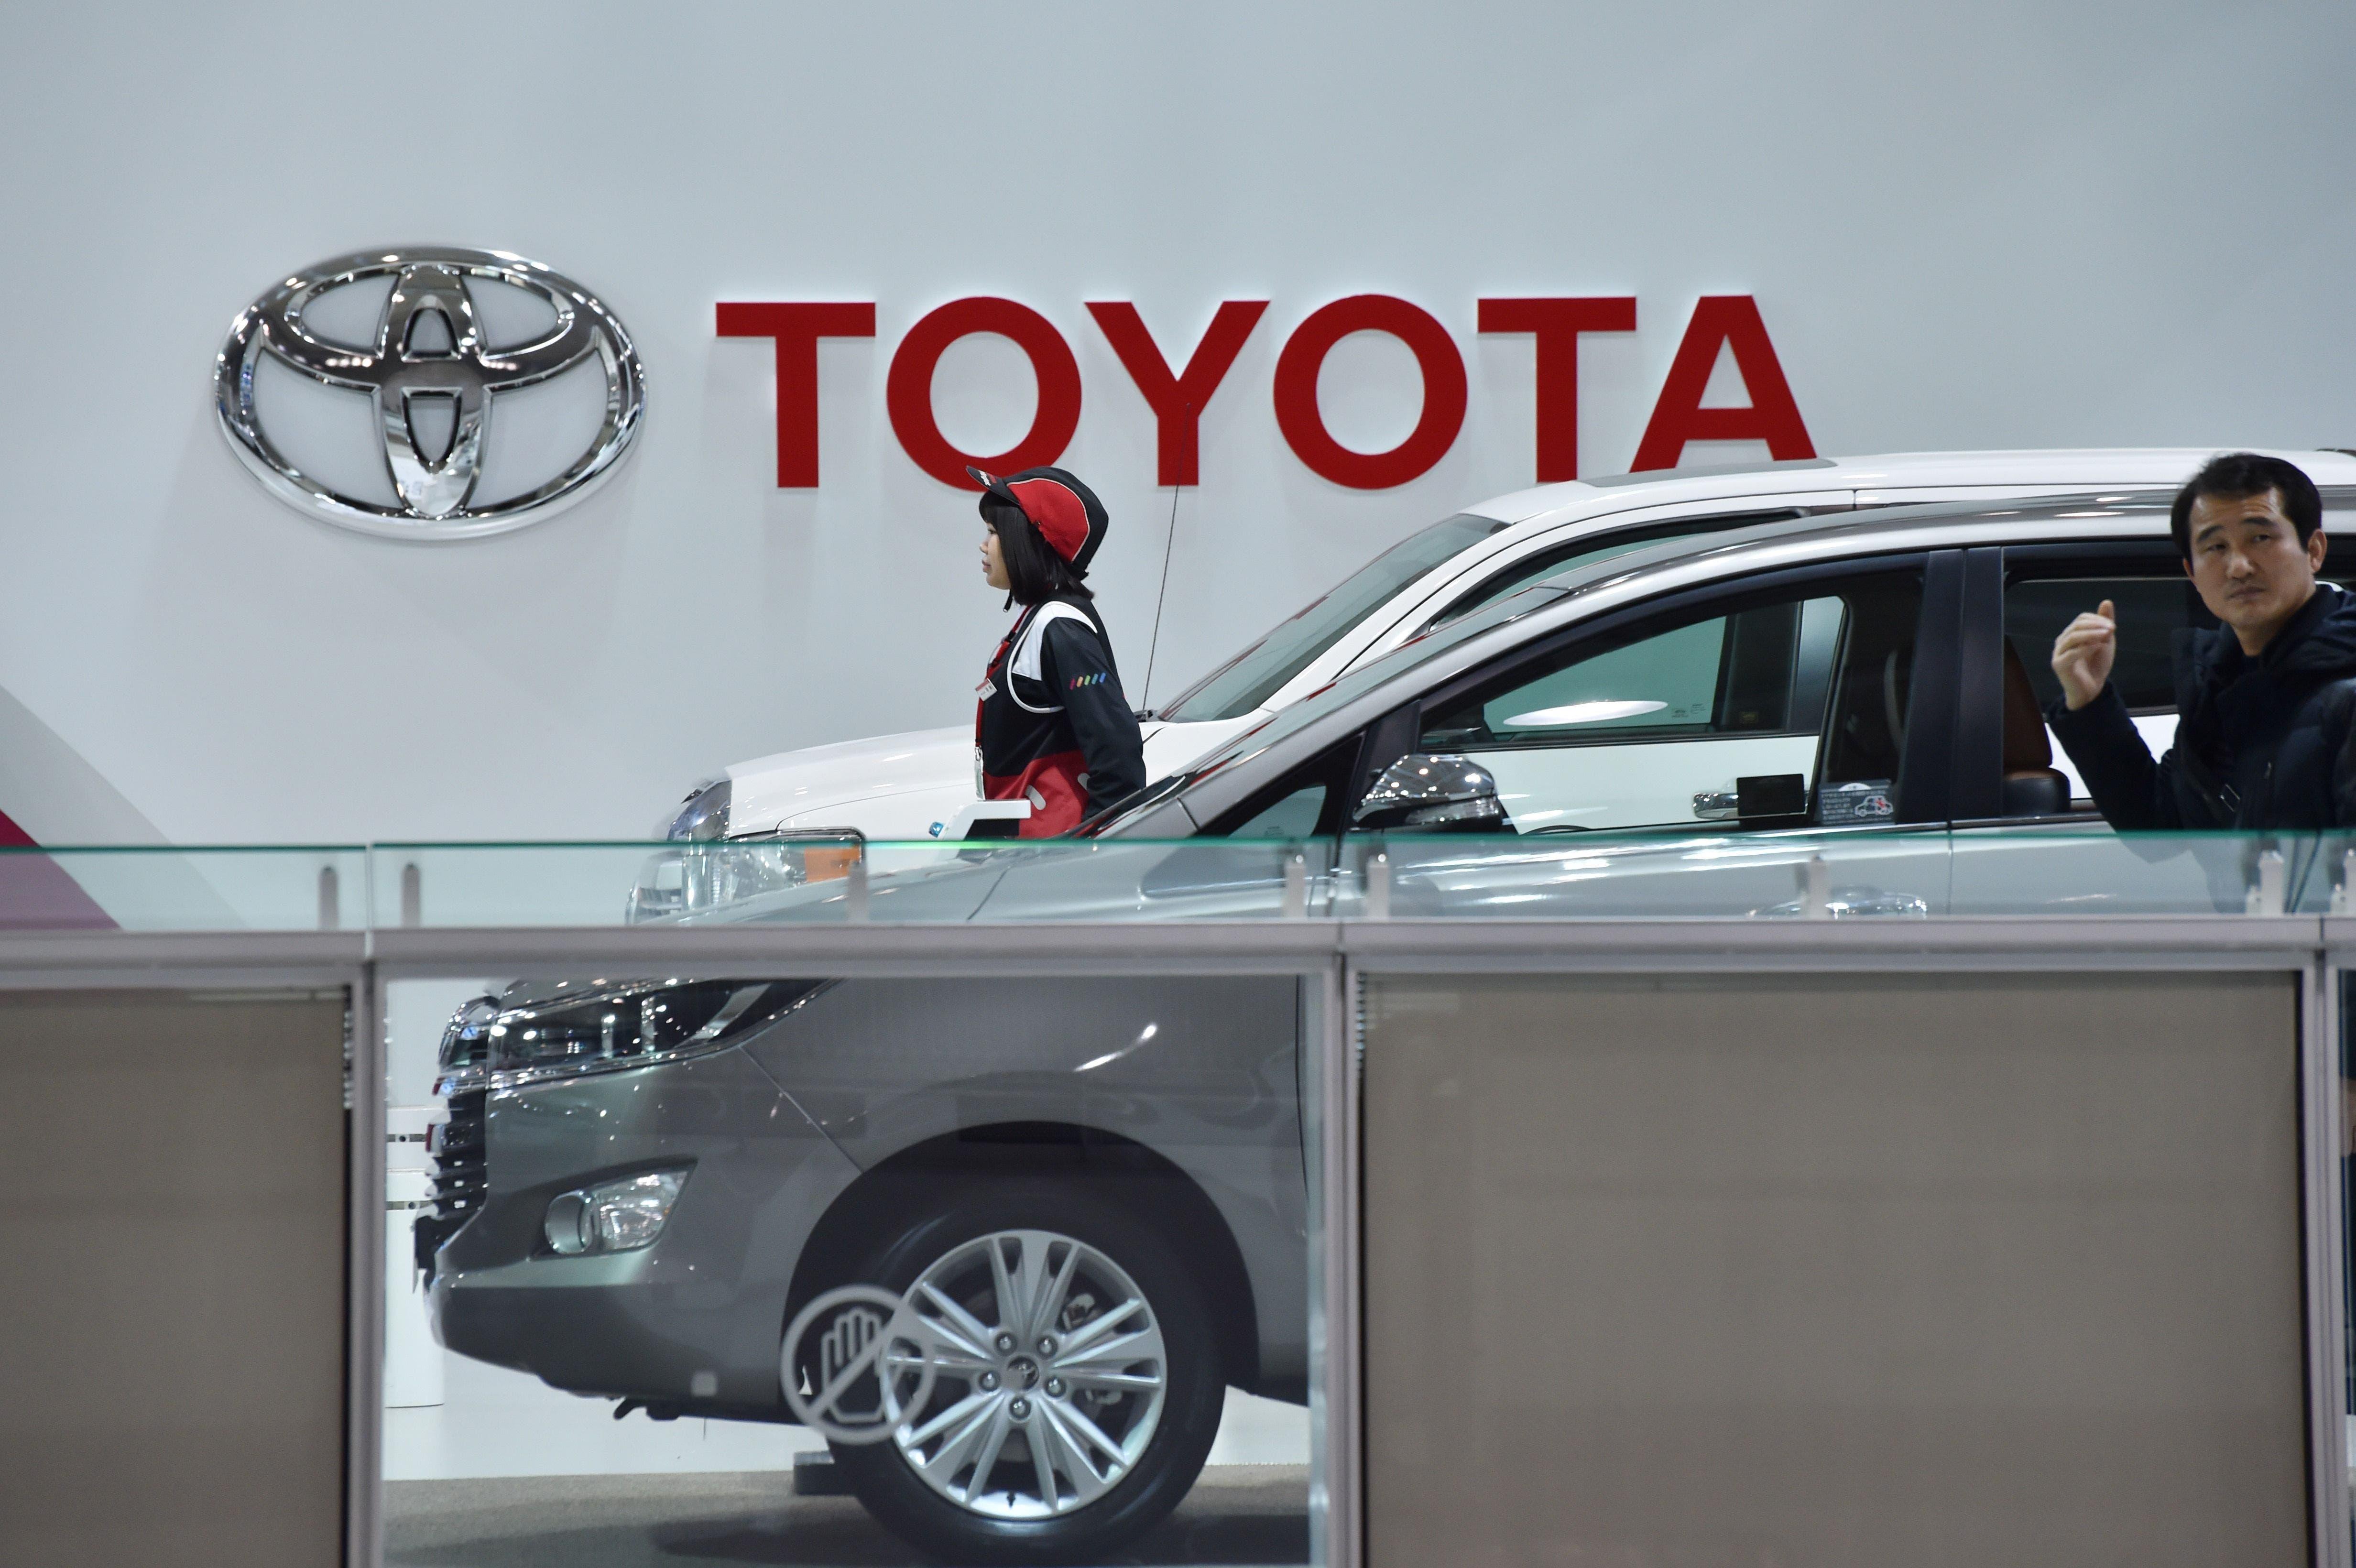 Toyota recordó las cifras de su actividad en Estados Unidos, con 25 millones de vehículos producidos en el país en los últimos 30 años, 10 fábricas y 136.000 trabajadores.